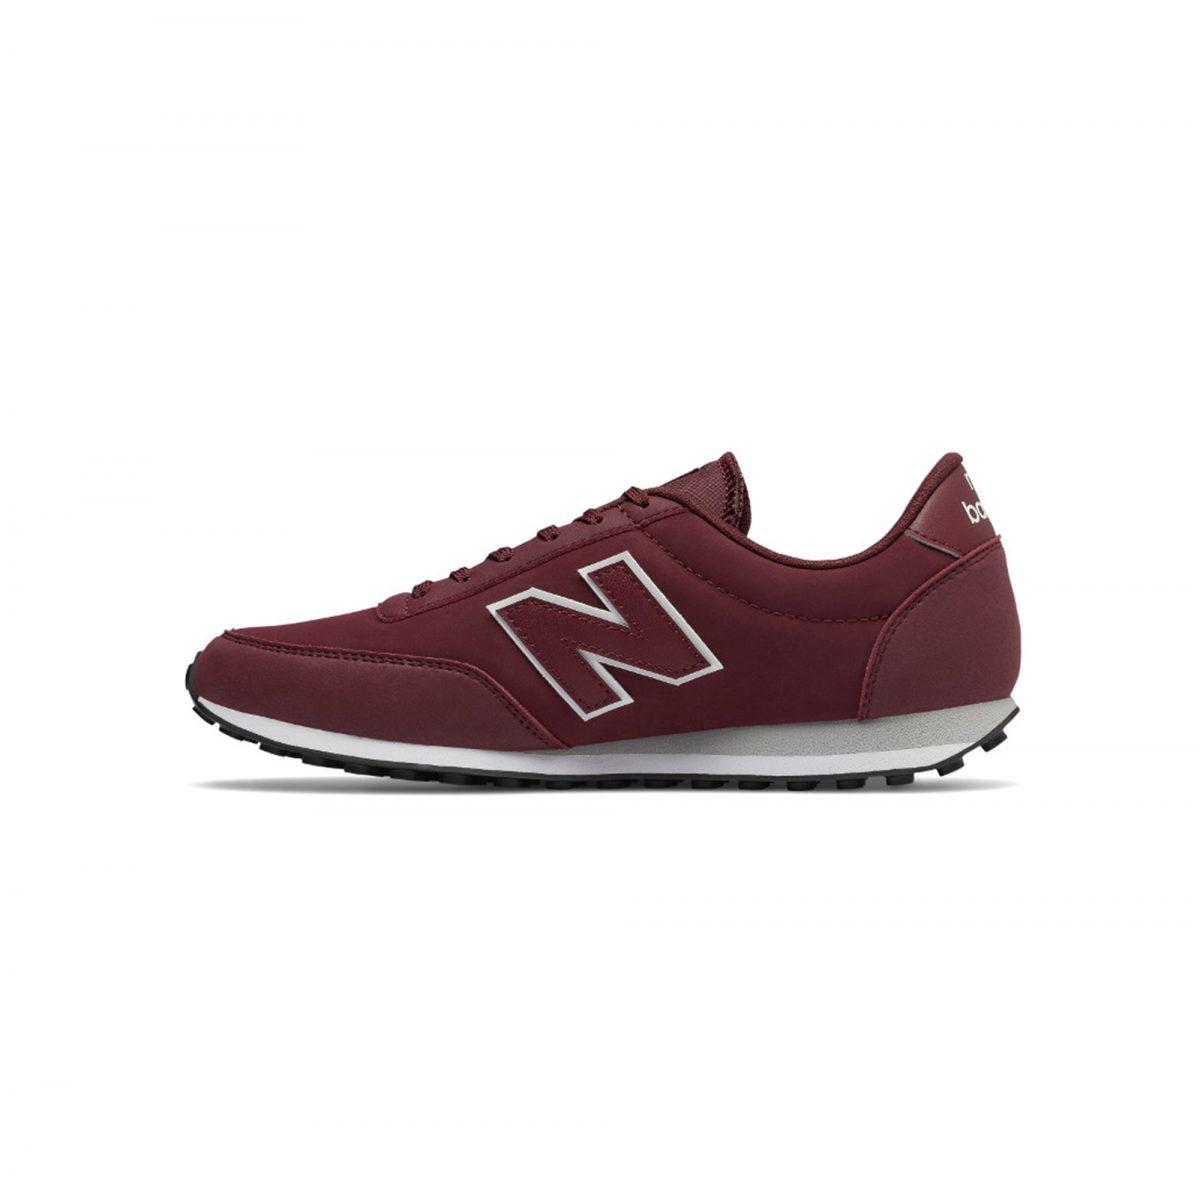 Zapatillas NEW BALANCE GRANATE ideales para un estilo casual